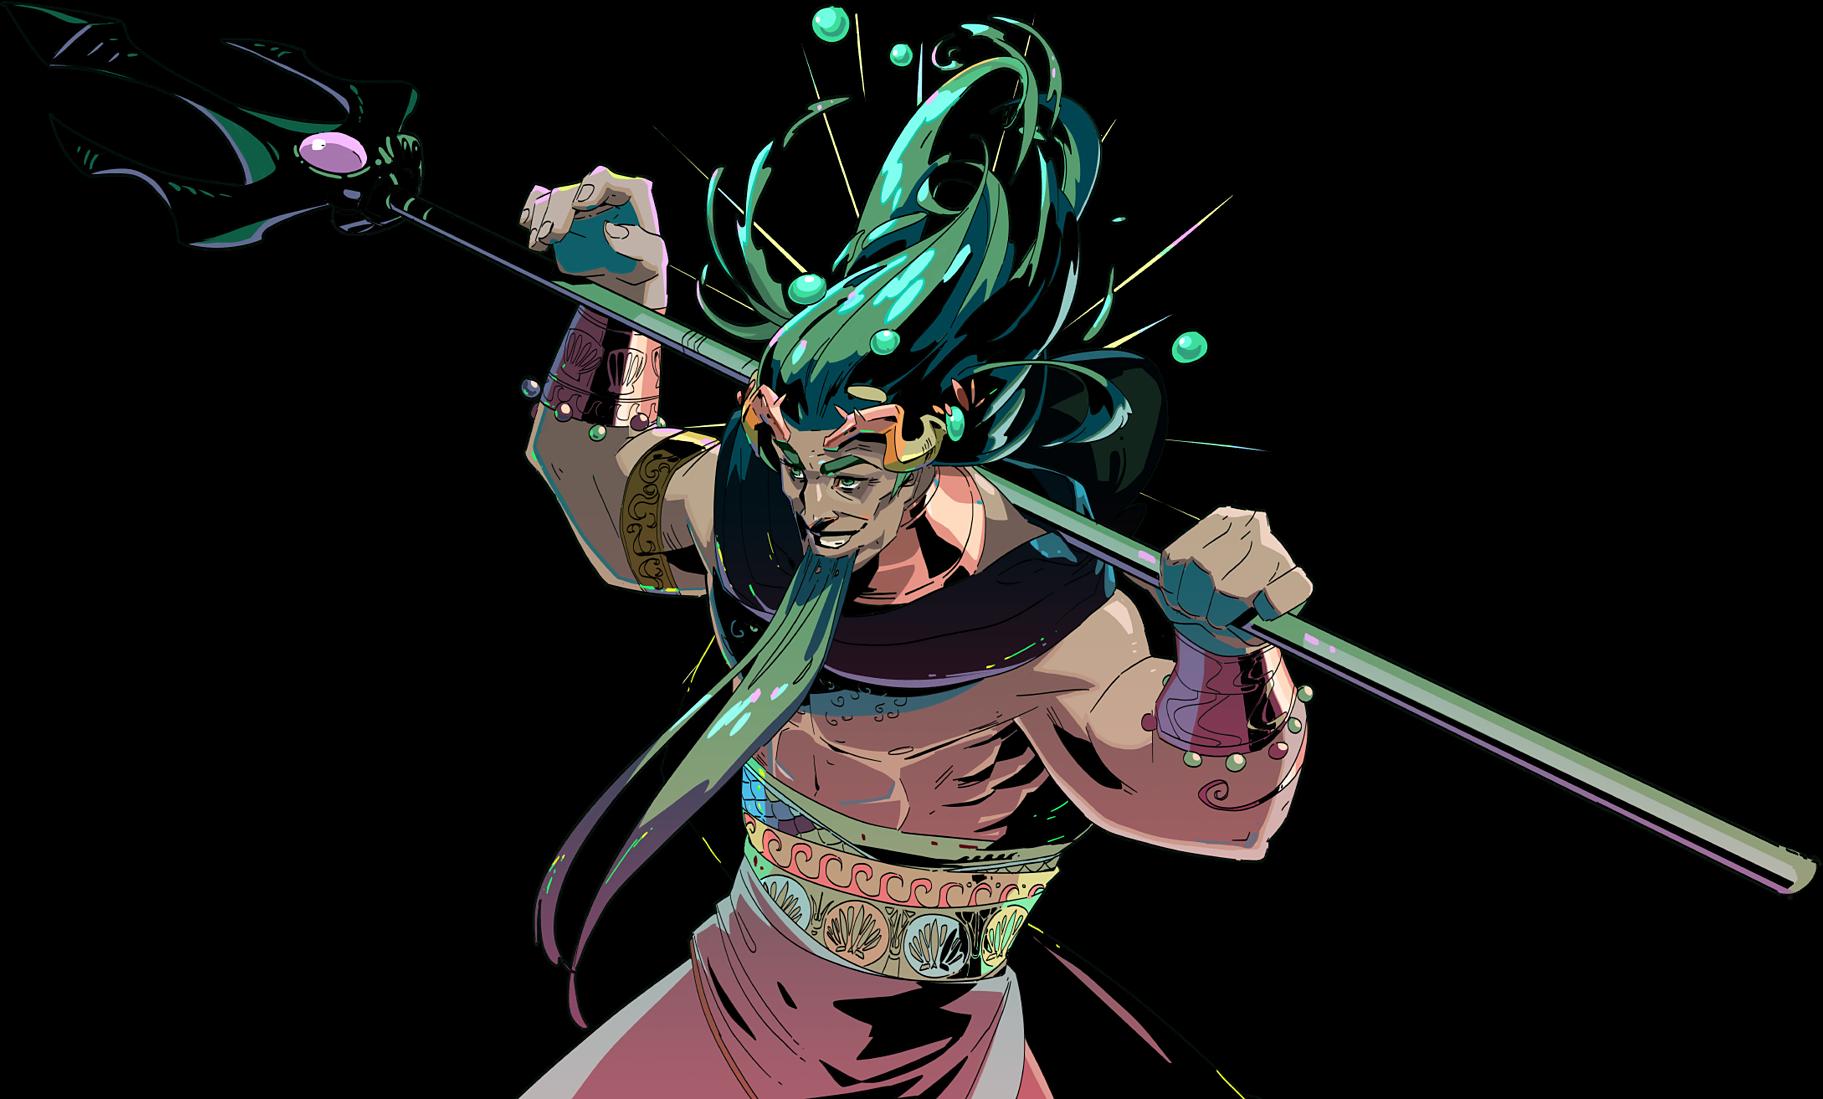 Poseidon | Hades Wiki | FANDOM powered by Wikia